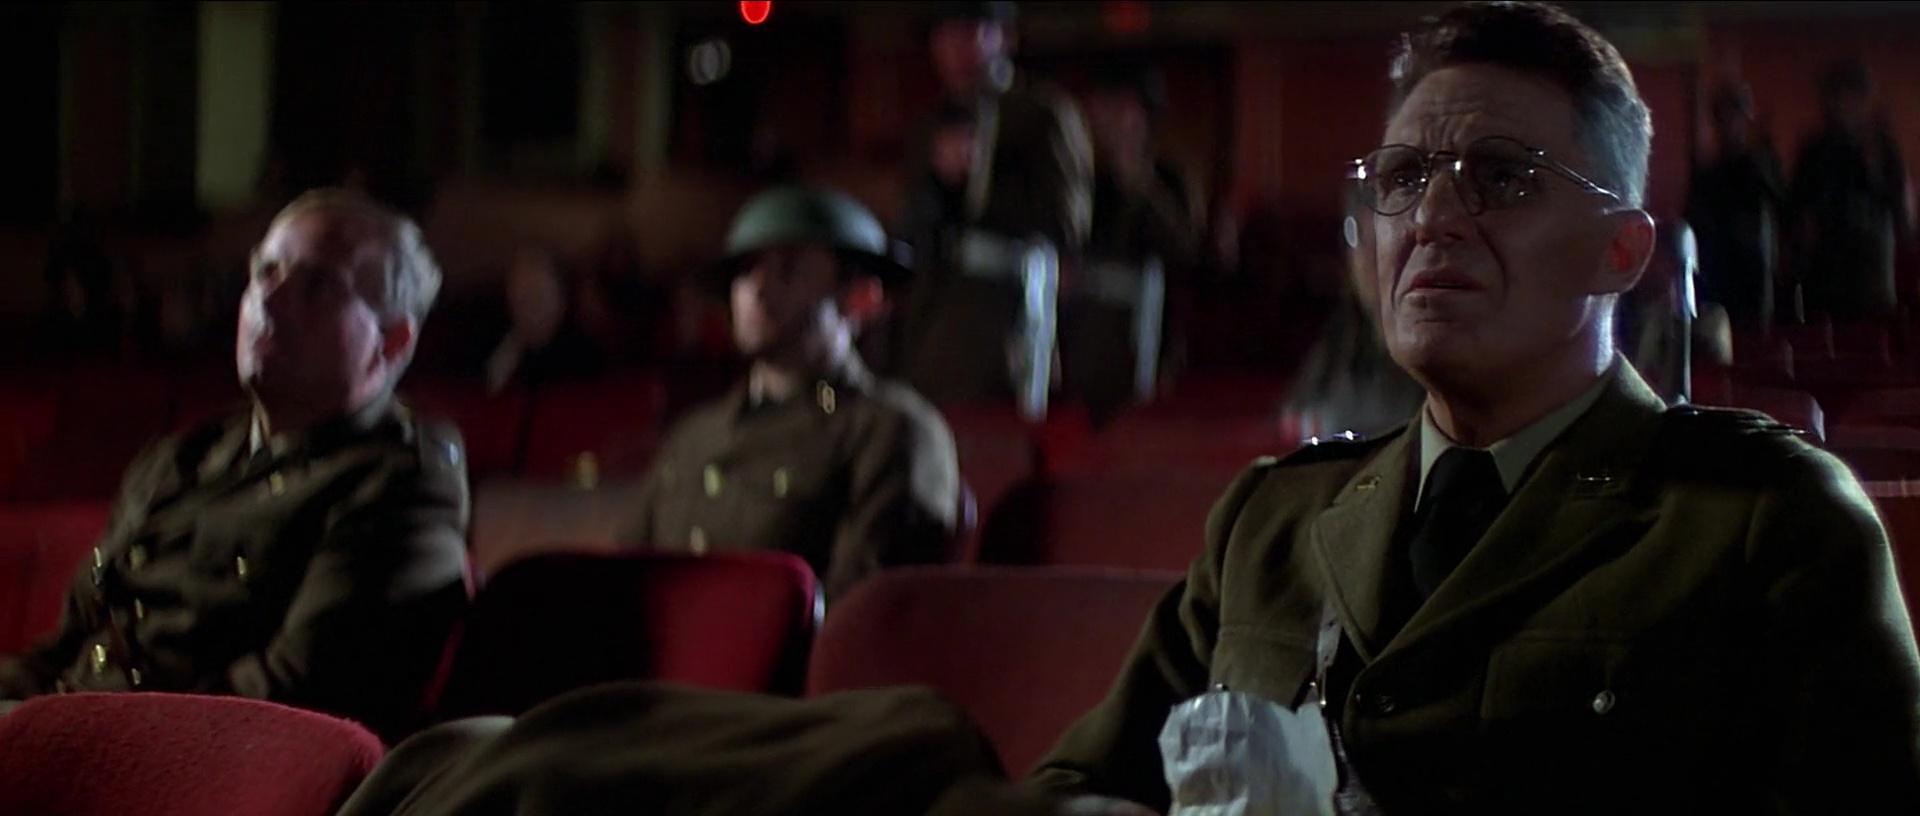 1941 film still 6